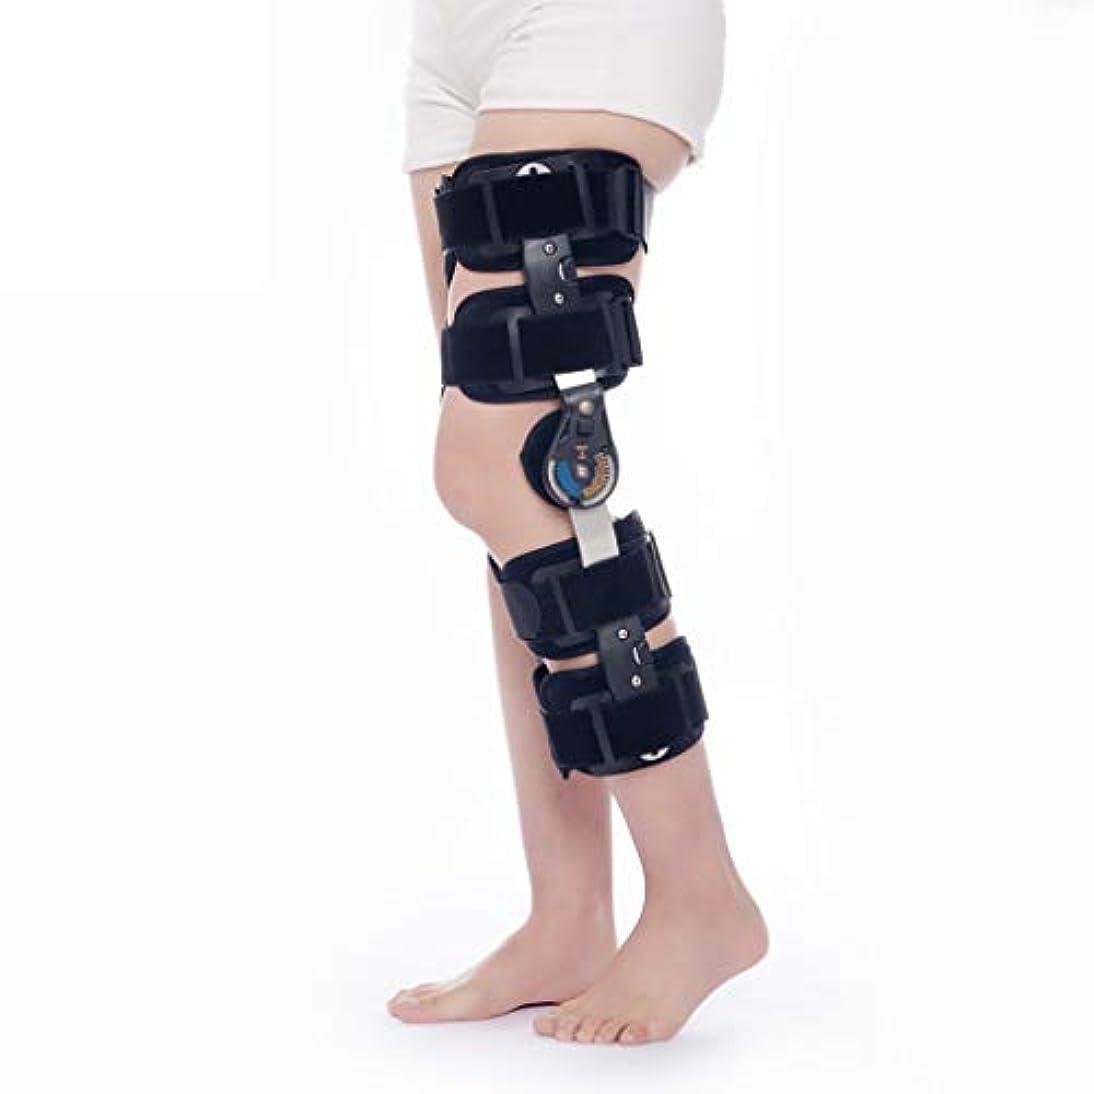 約粗い拷問ROM膝サポーター付きストラップ、調整可能なレッグスタビライザー回復固定スプリント、整形外科用リハビリ、術後、メニスカス裂傷